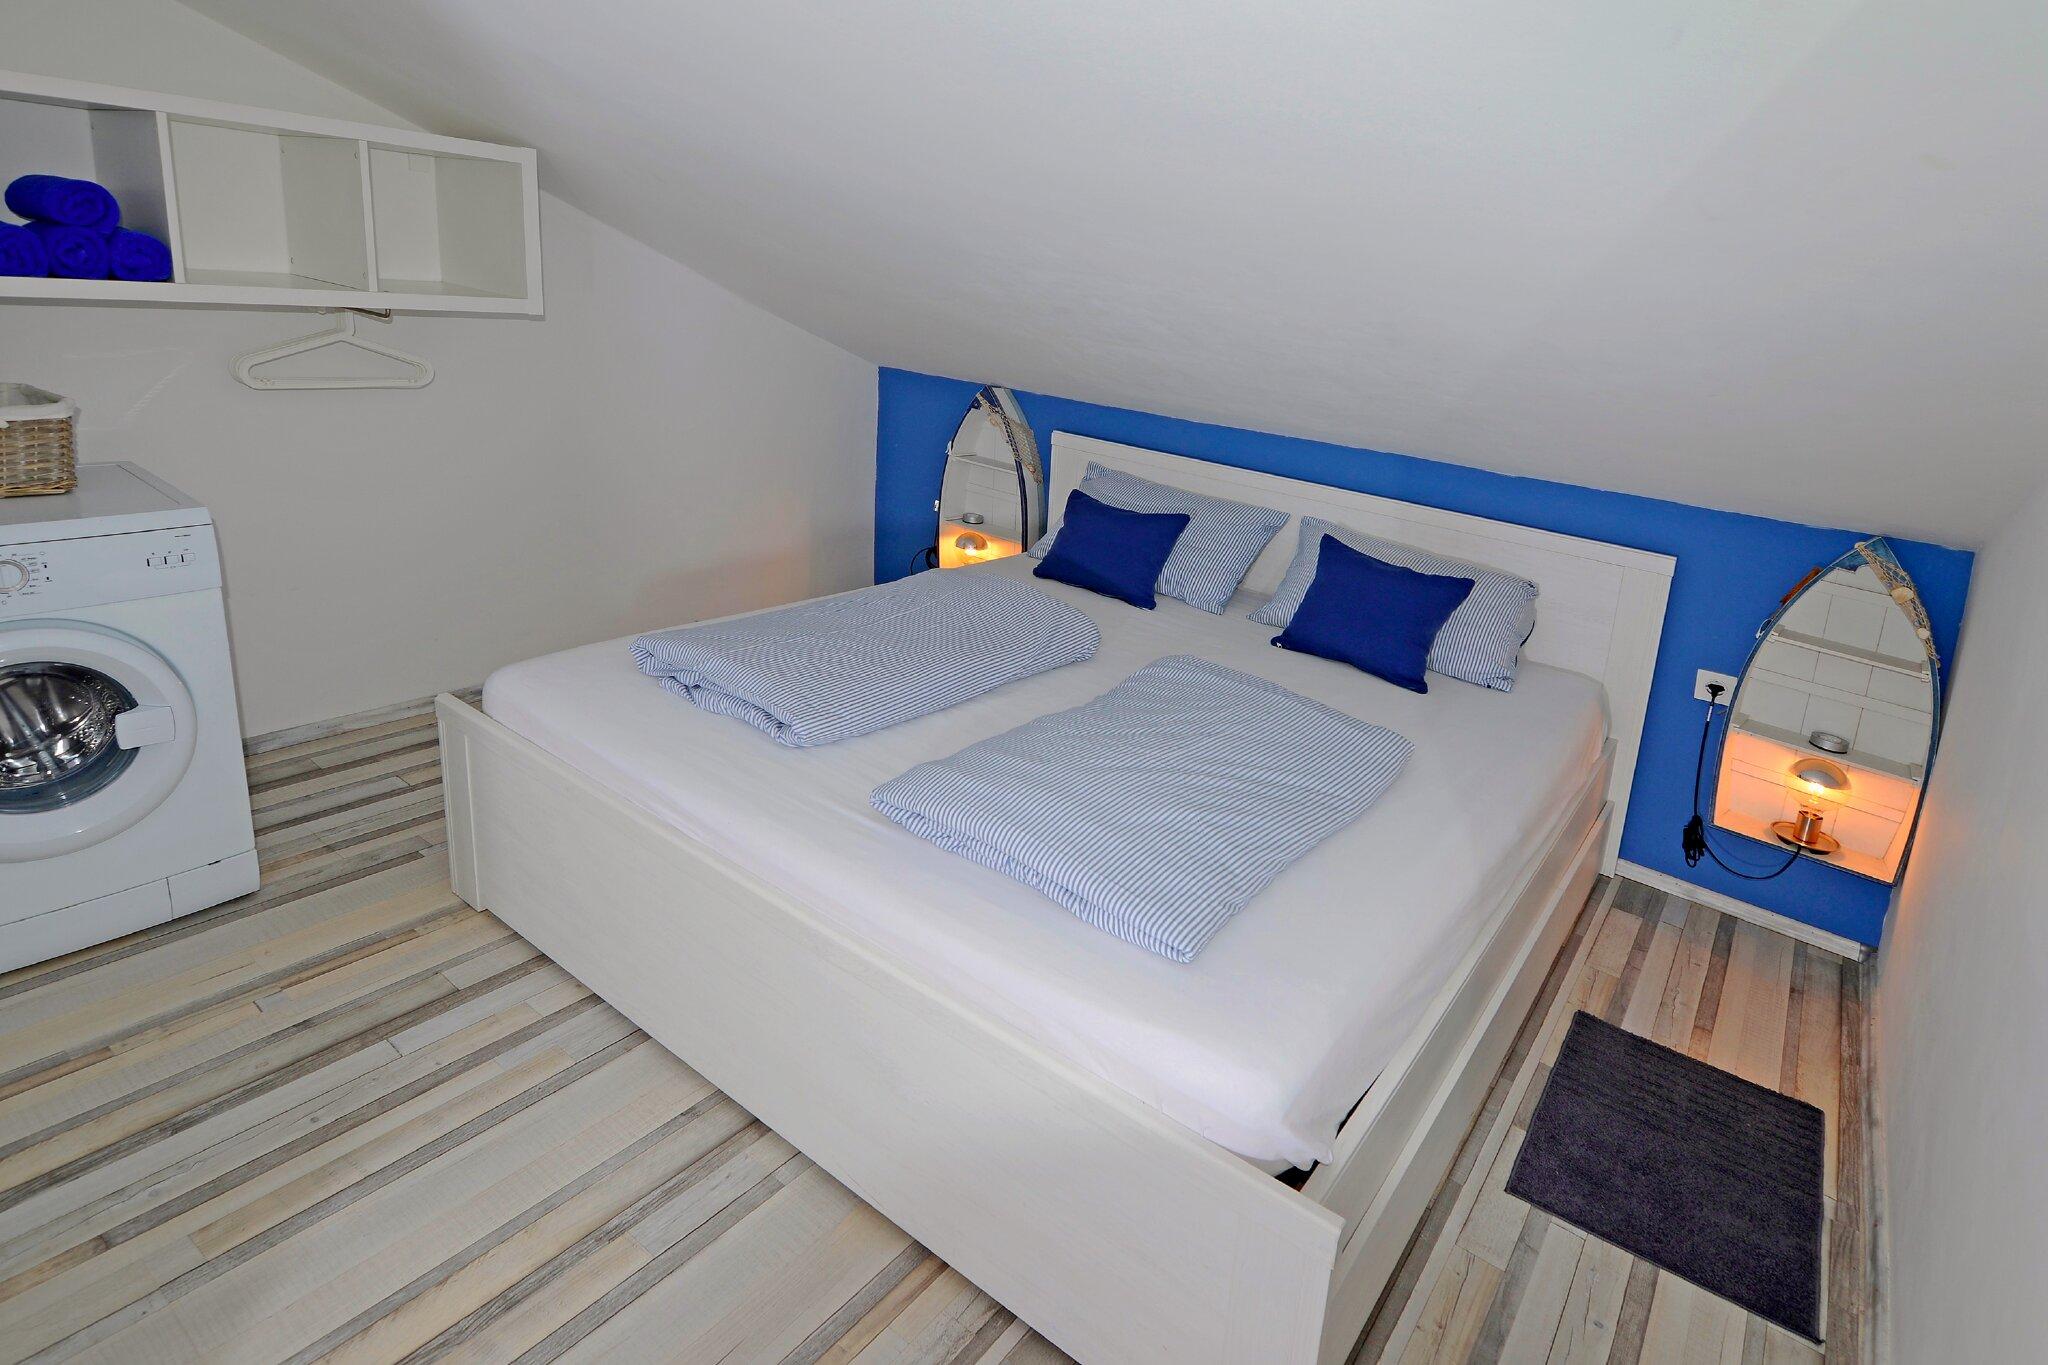 Klim. Zimmer mit Entspannungskissen